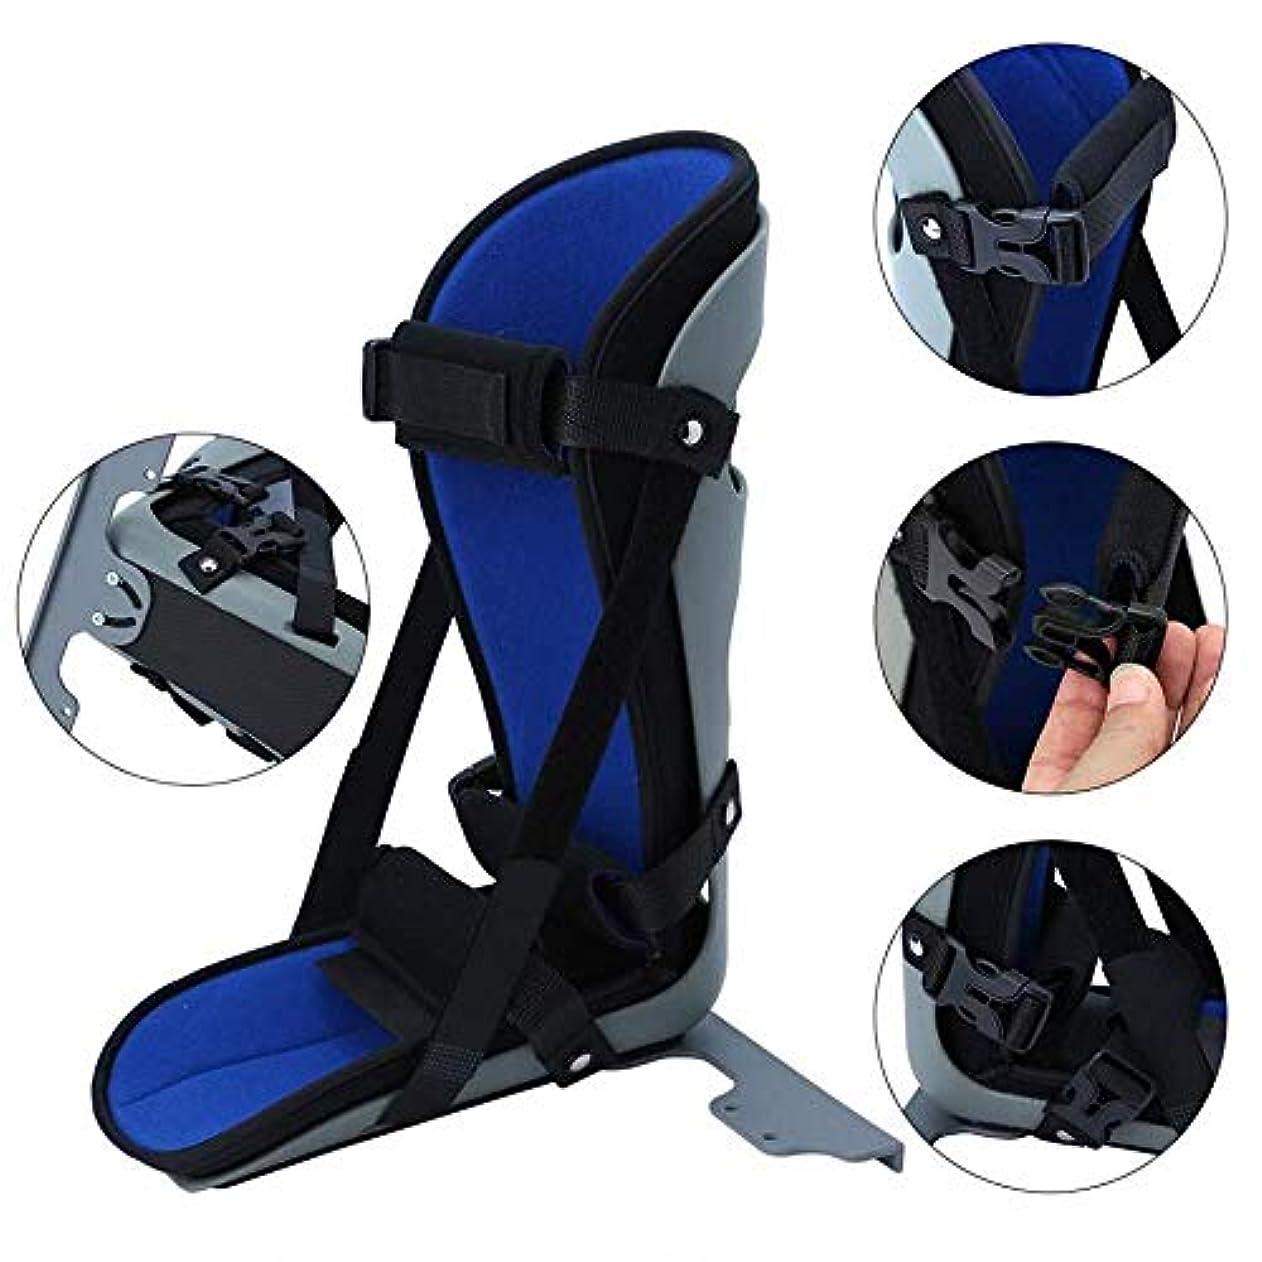 アンケート同行固執足底筋膜炎およびアキレス腱炎の治療のための足底筋膜の延長ストレッチ用ブレースナイトスプリント (Size : Medium)